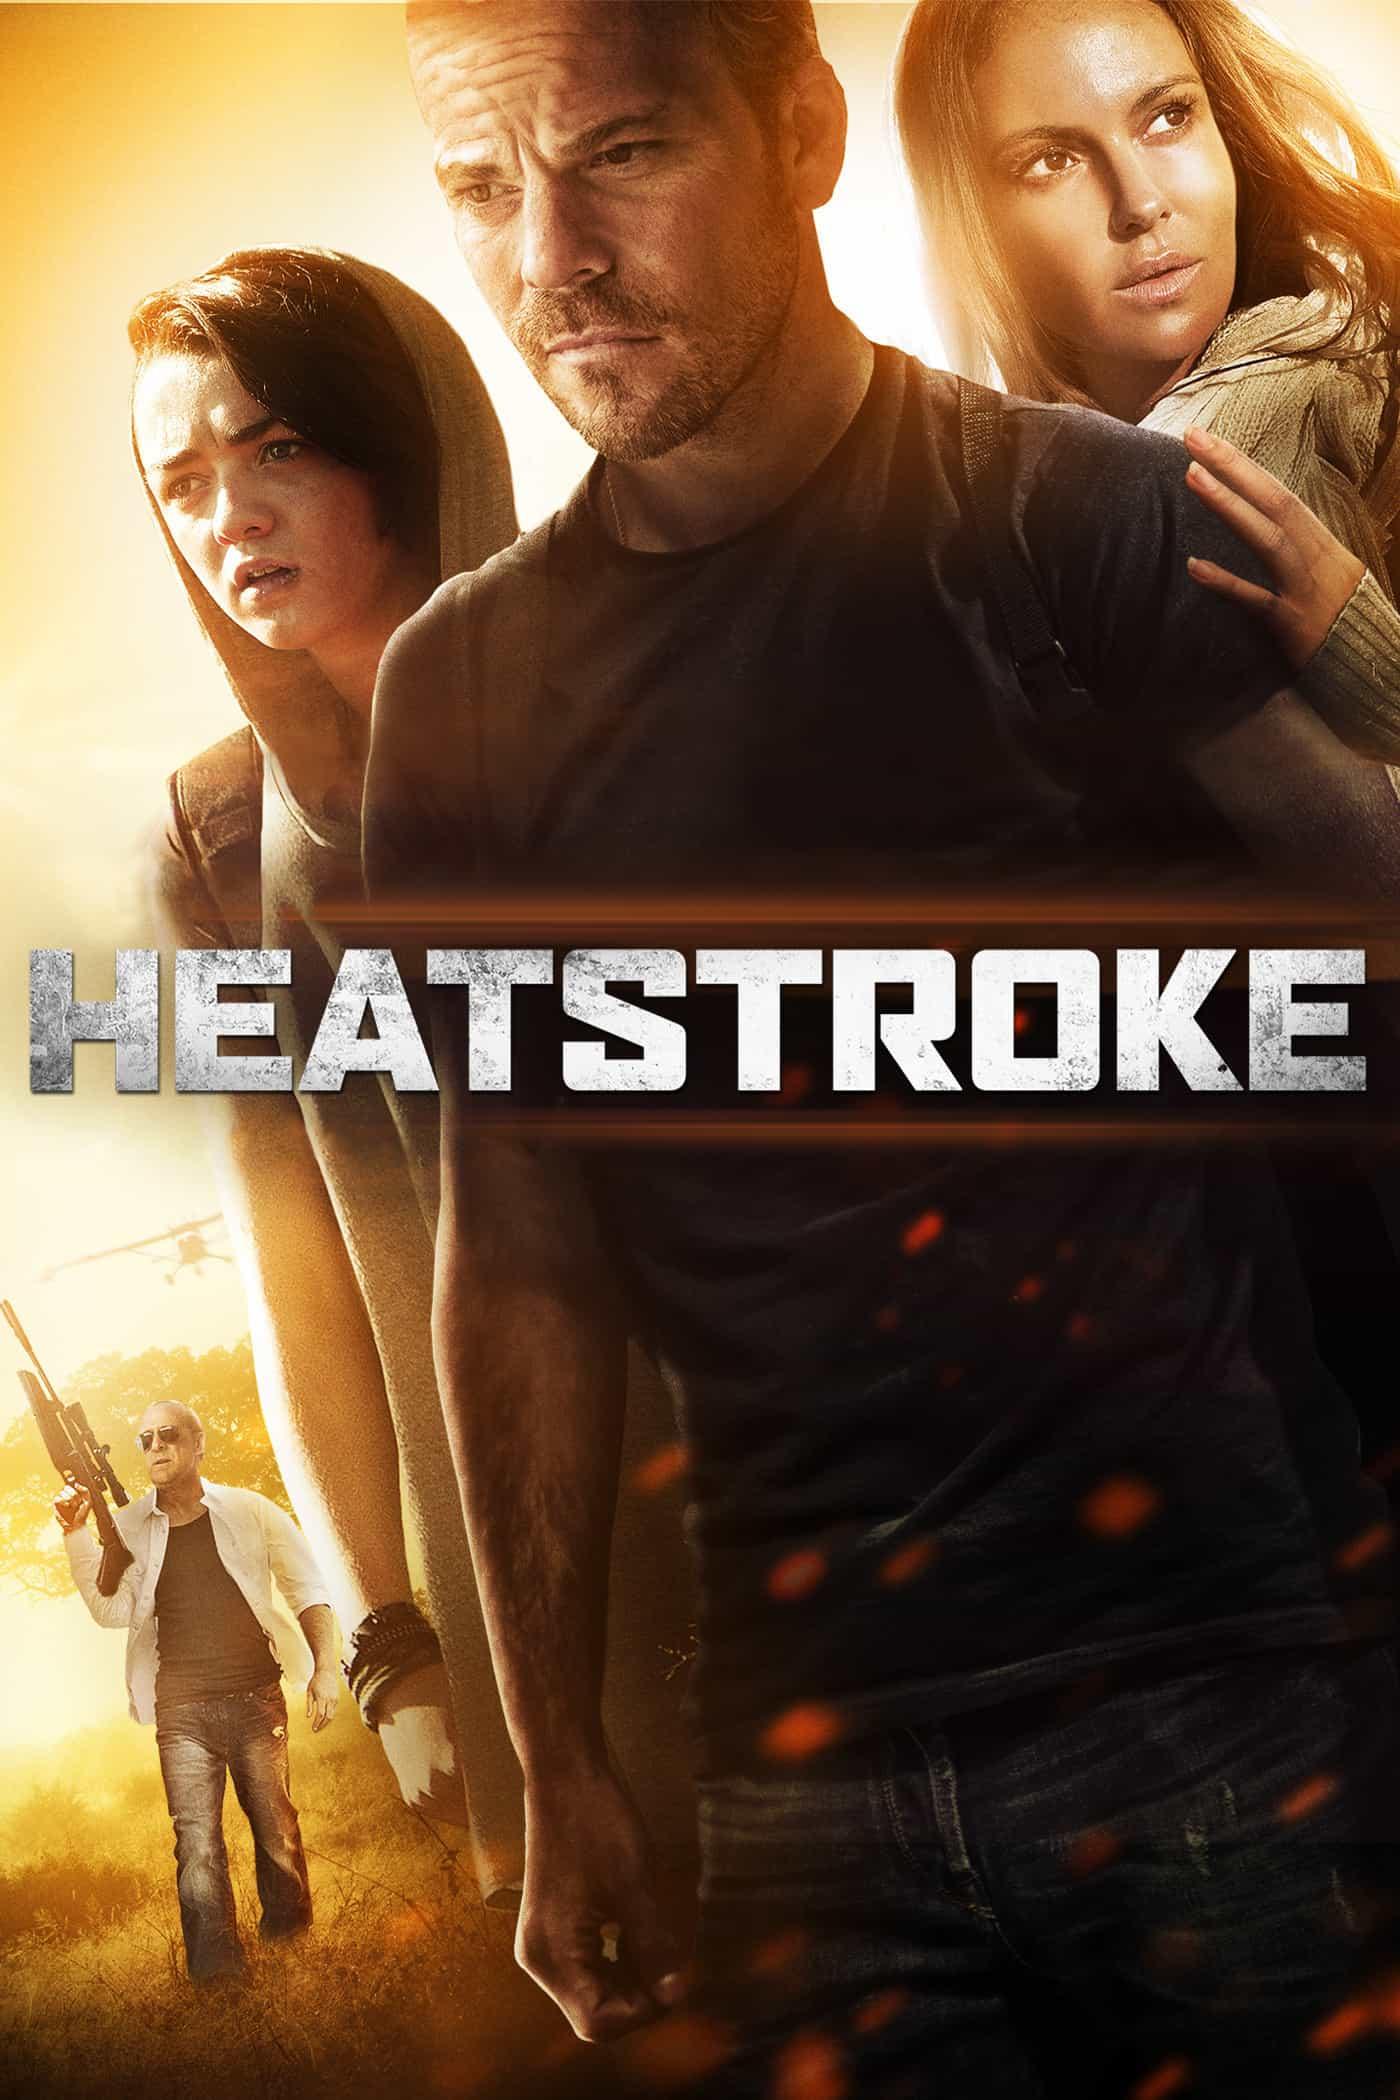 Heatstroke, 2008